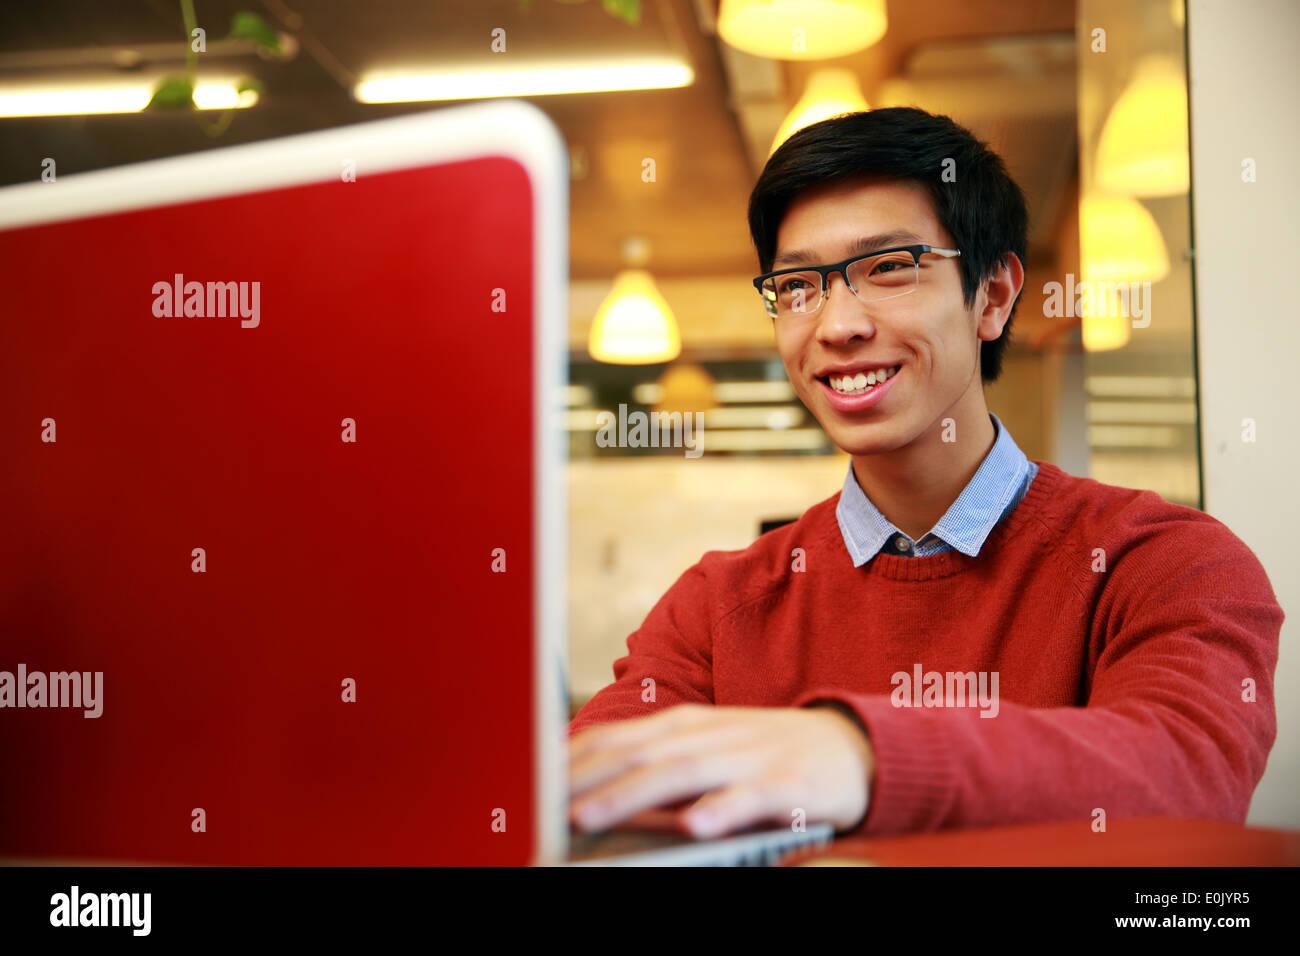 Fröhlichen jungen asiatischen Mann mit laptop Stockbild